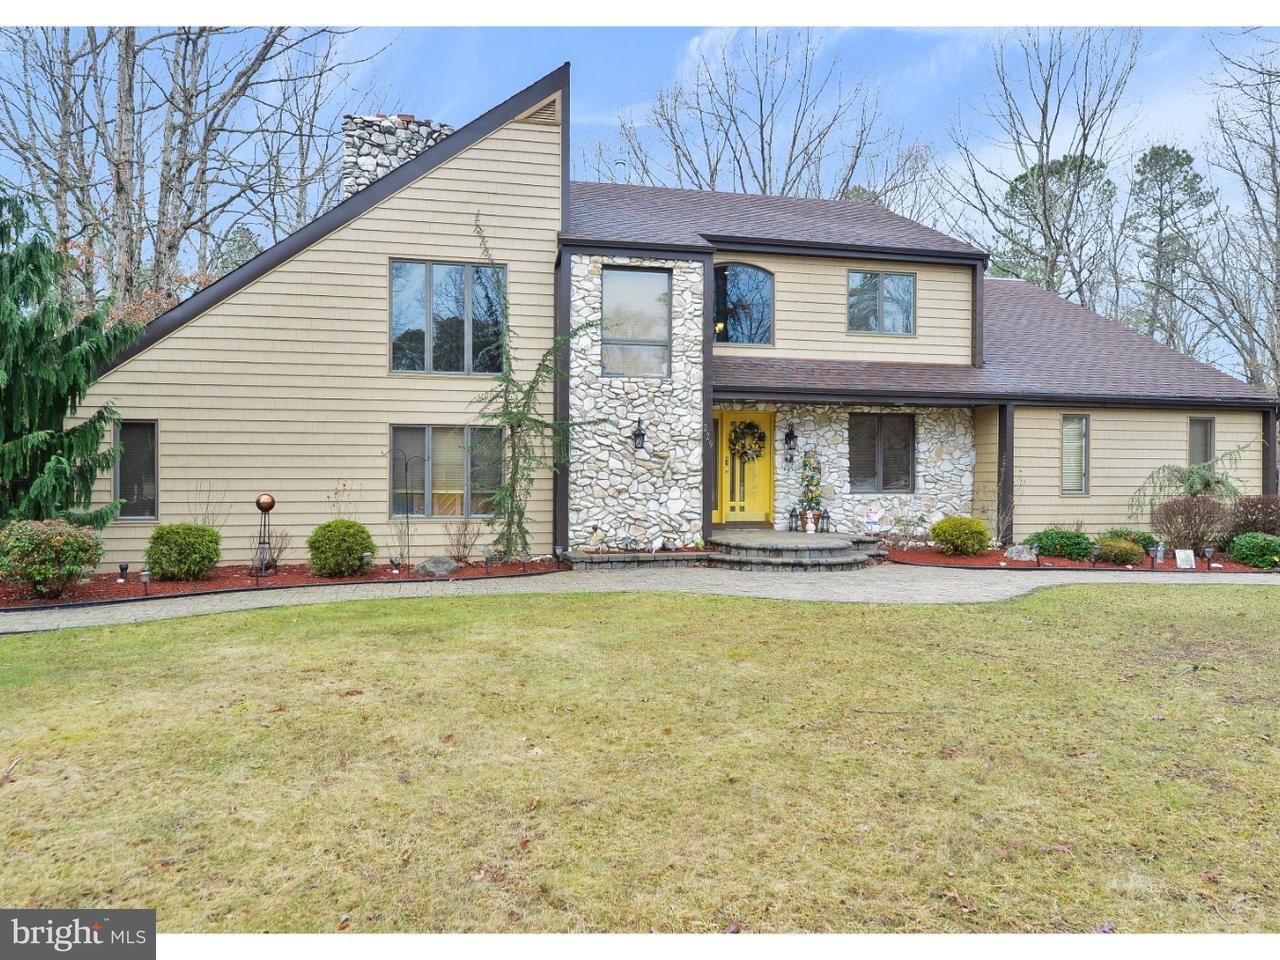 Einfamilienhaus für Verkauf beim 229 MAPLE TER Buena Vista Township, New Jersey 08310 Vereinigte Staaten